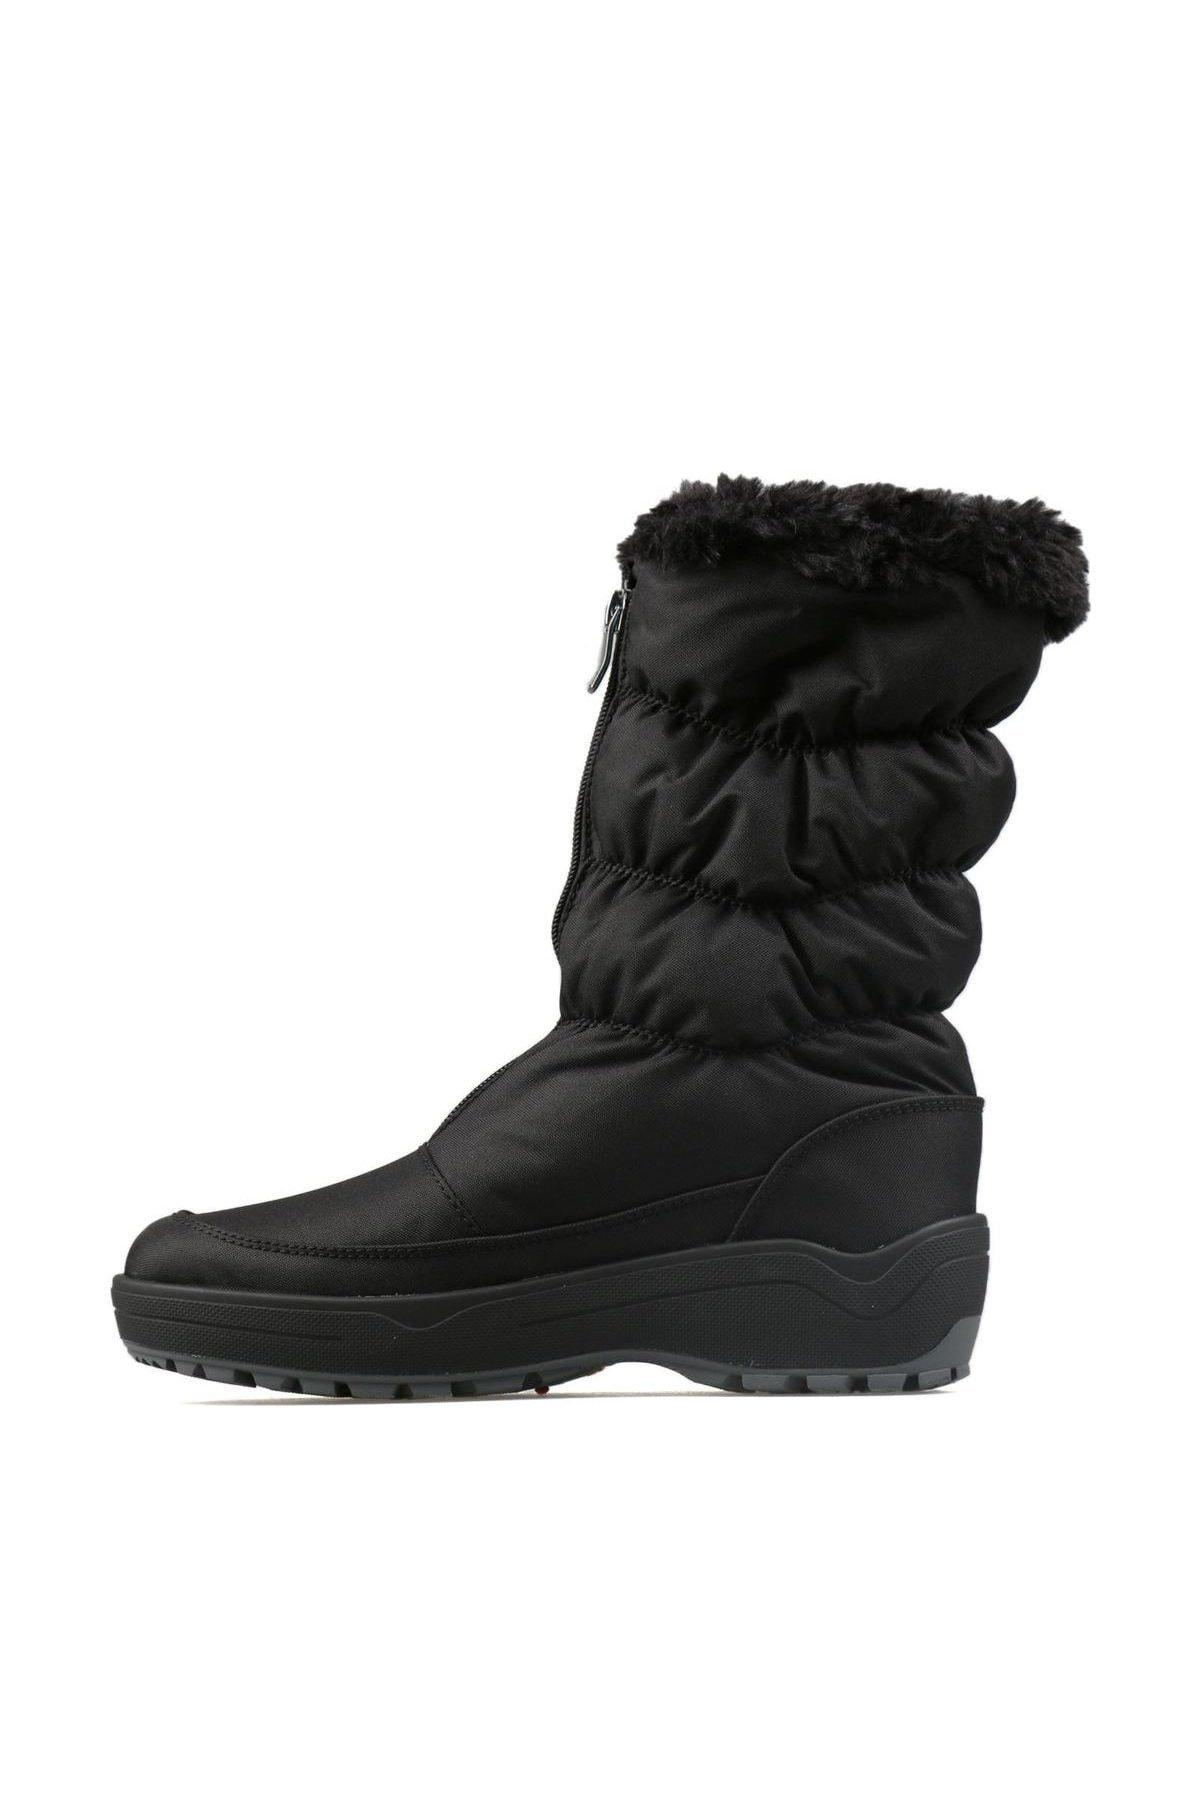 Antarctica Kadın Kar Botu - Kar 4815 4815 - 4815-BLACK 2